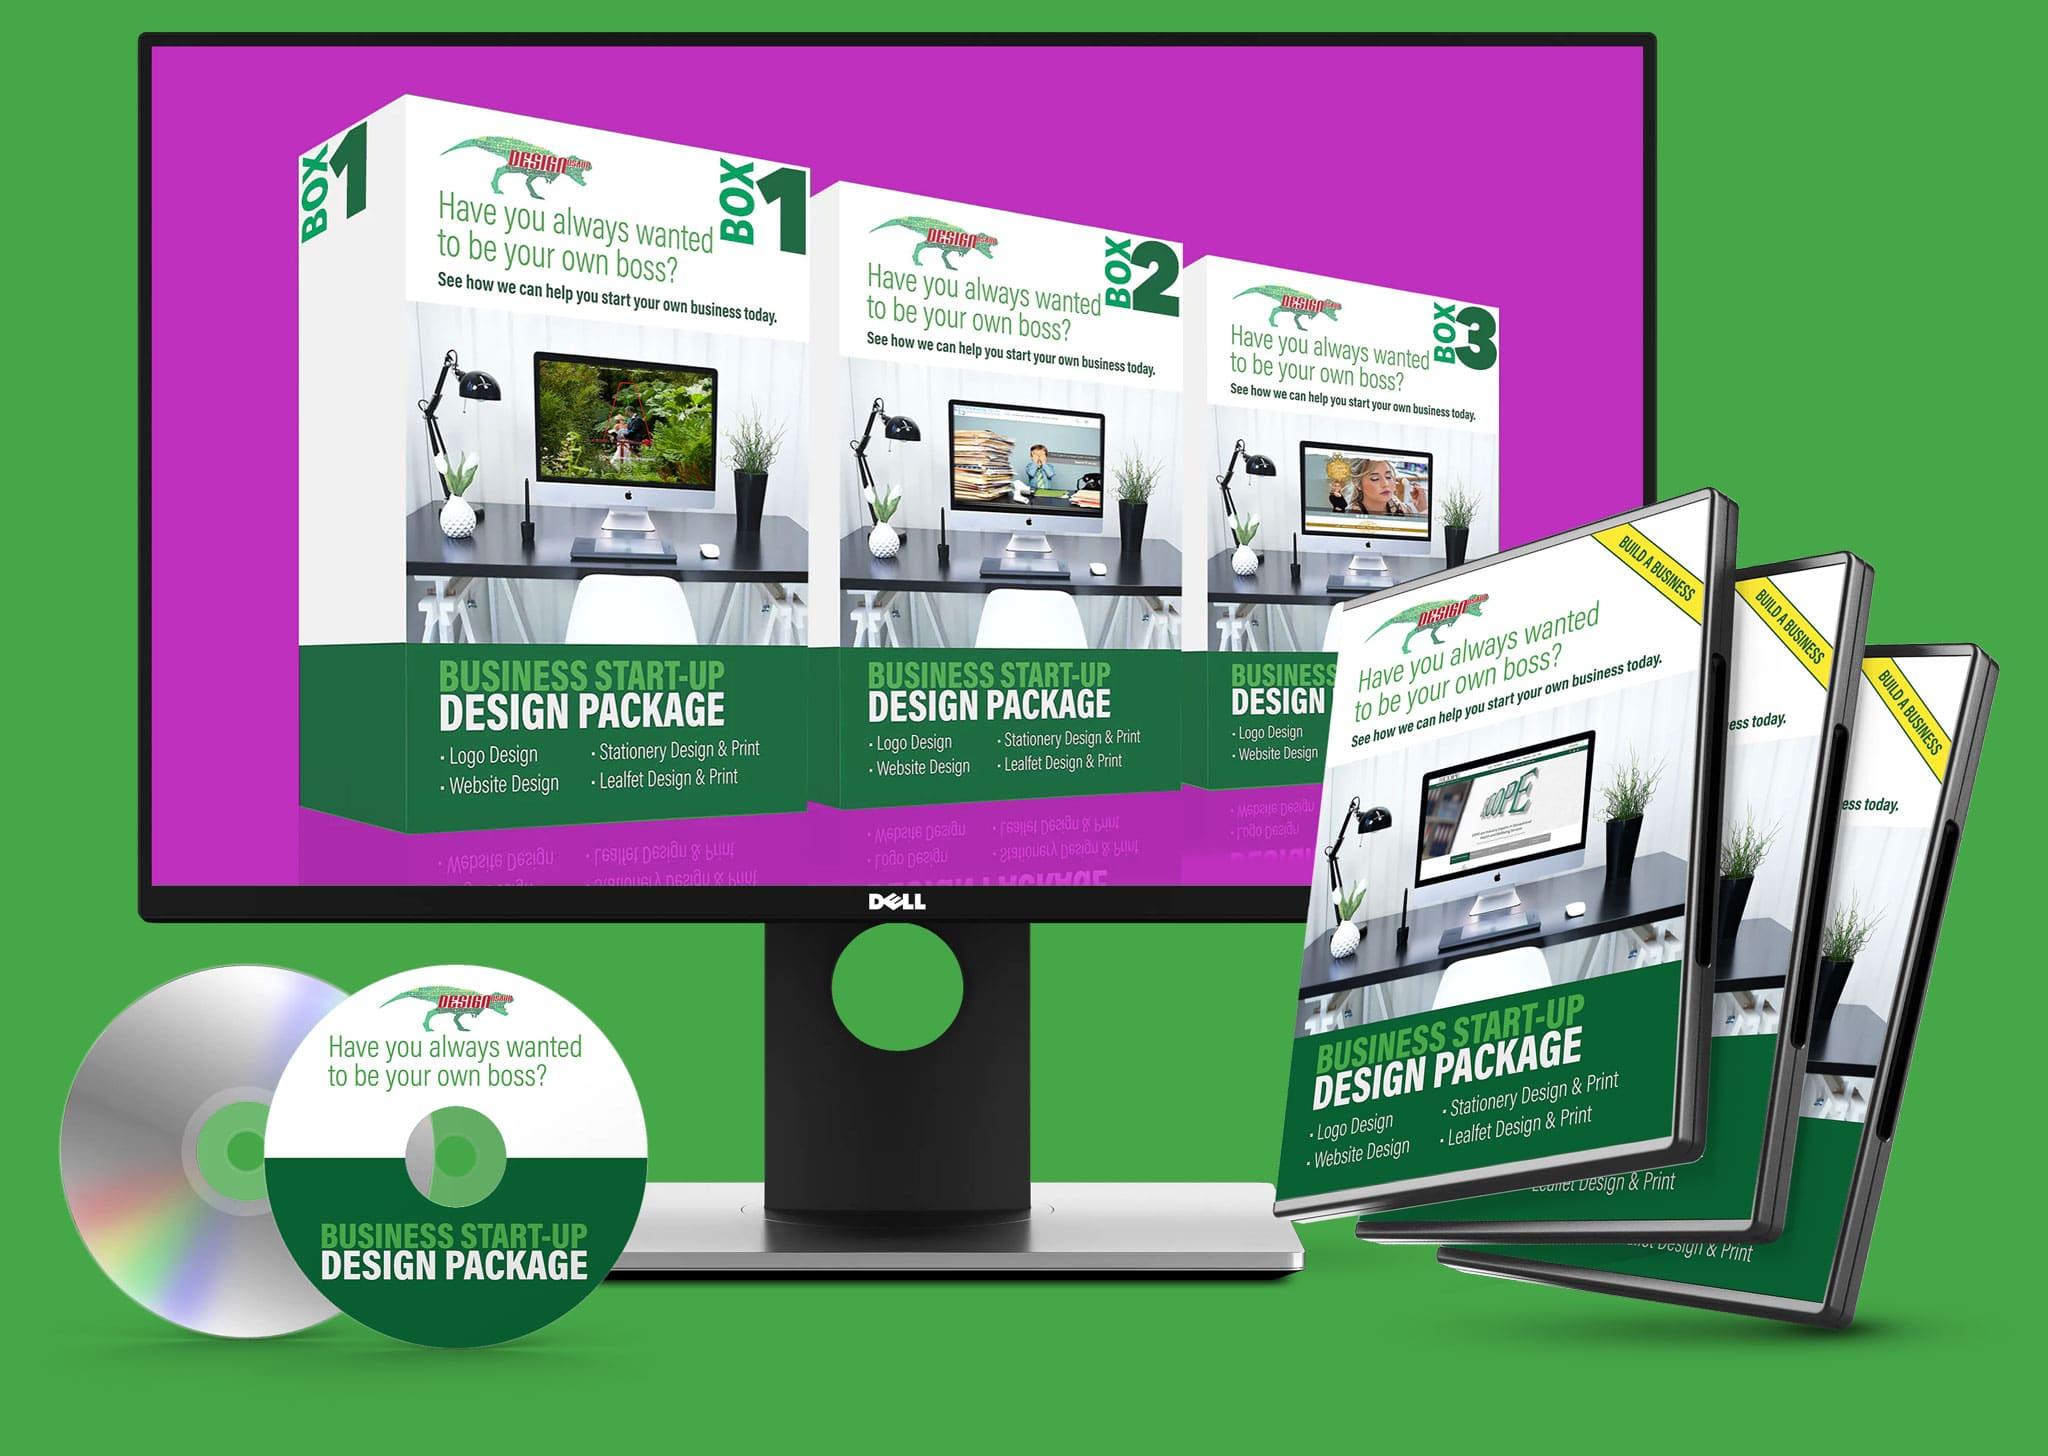 Business Start Up Design Package Mock Up Bundle